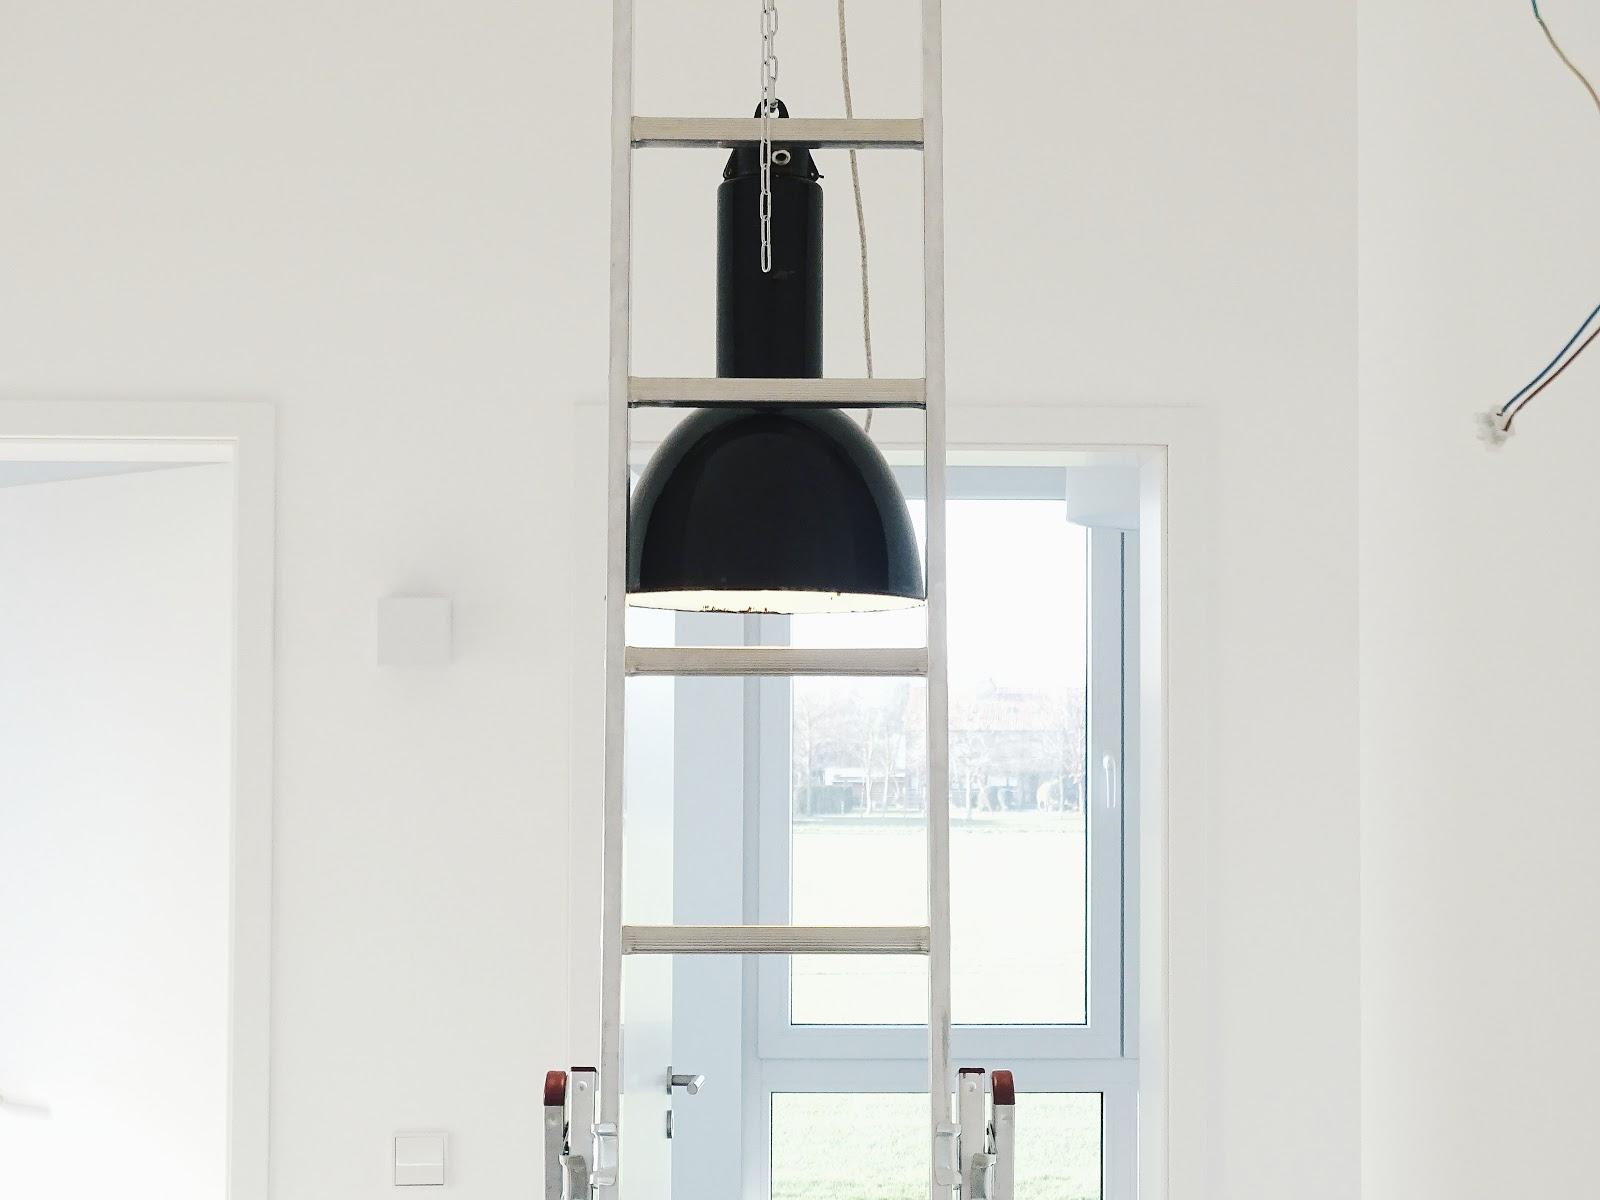 Vintage Industrie-Deckenlampe | Fotoaktion #12von12 und 1 Tag in 12 Bildern | https://mammilade.blogspot.de